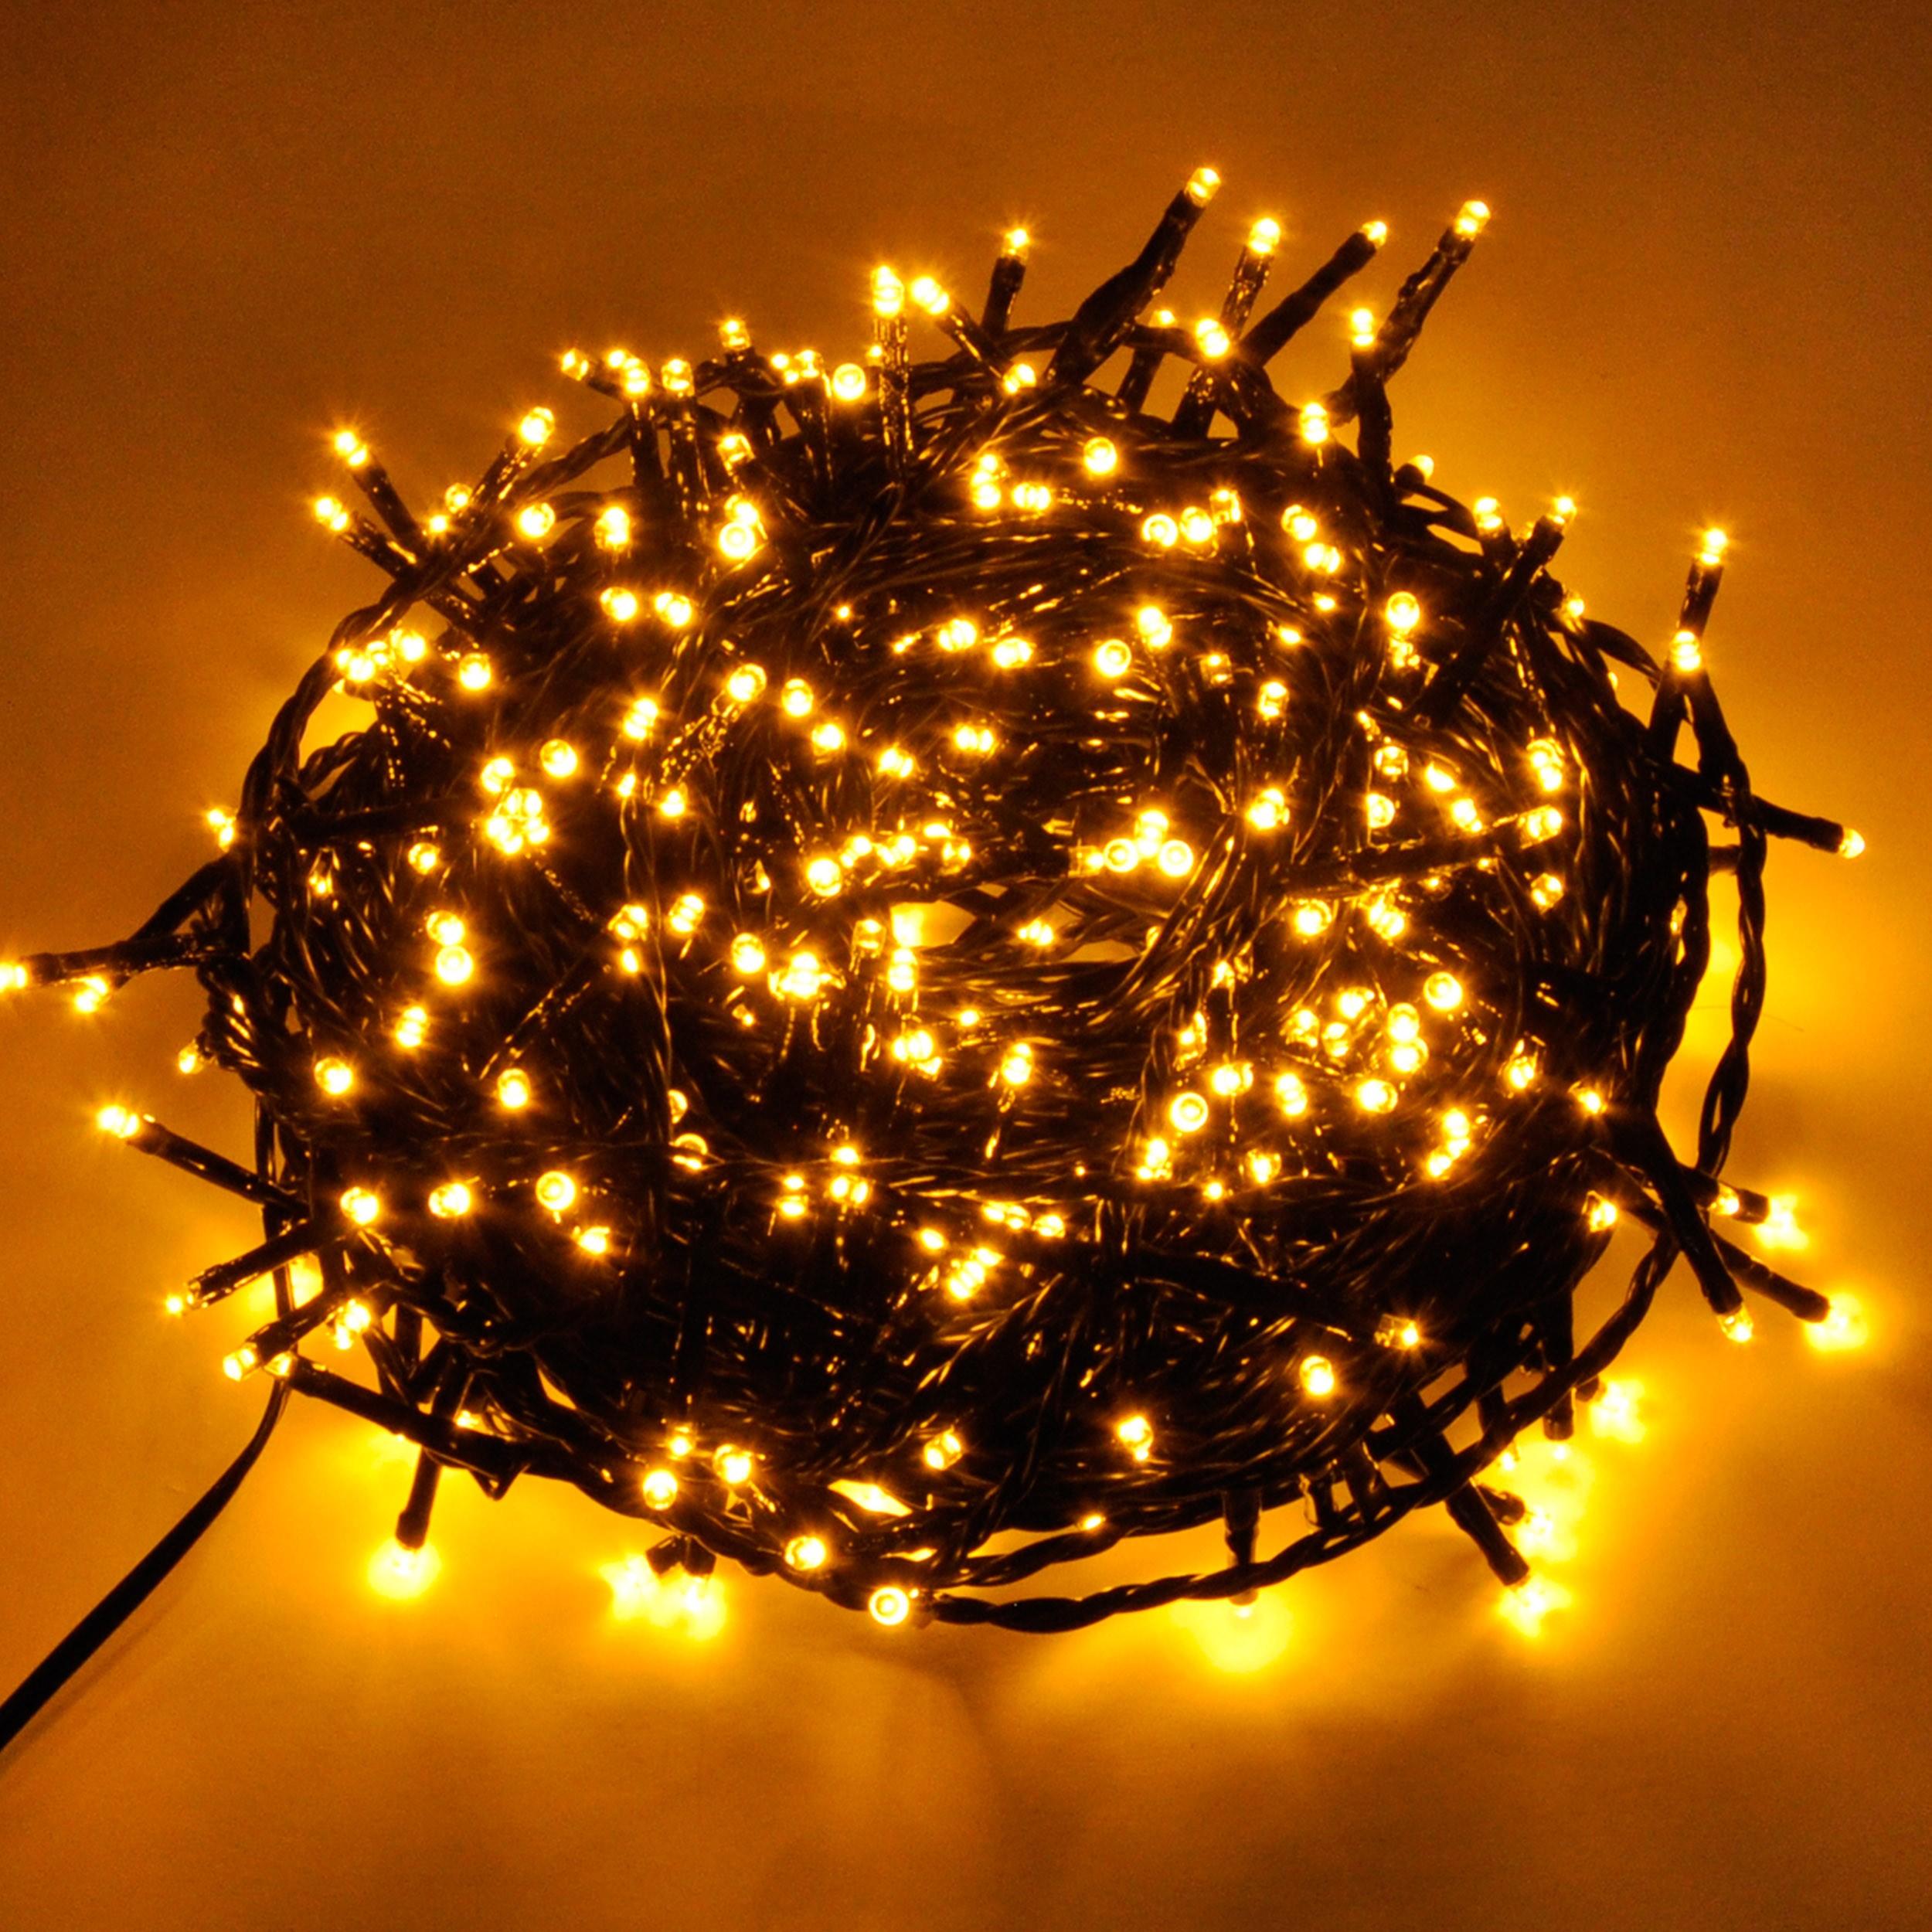 starlight-led-lichterkette-goldenwarmweiss-400 Verwunderlich Led Lichterkette 20 Meter Dekorationen